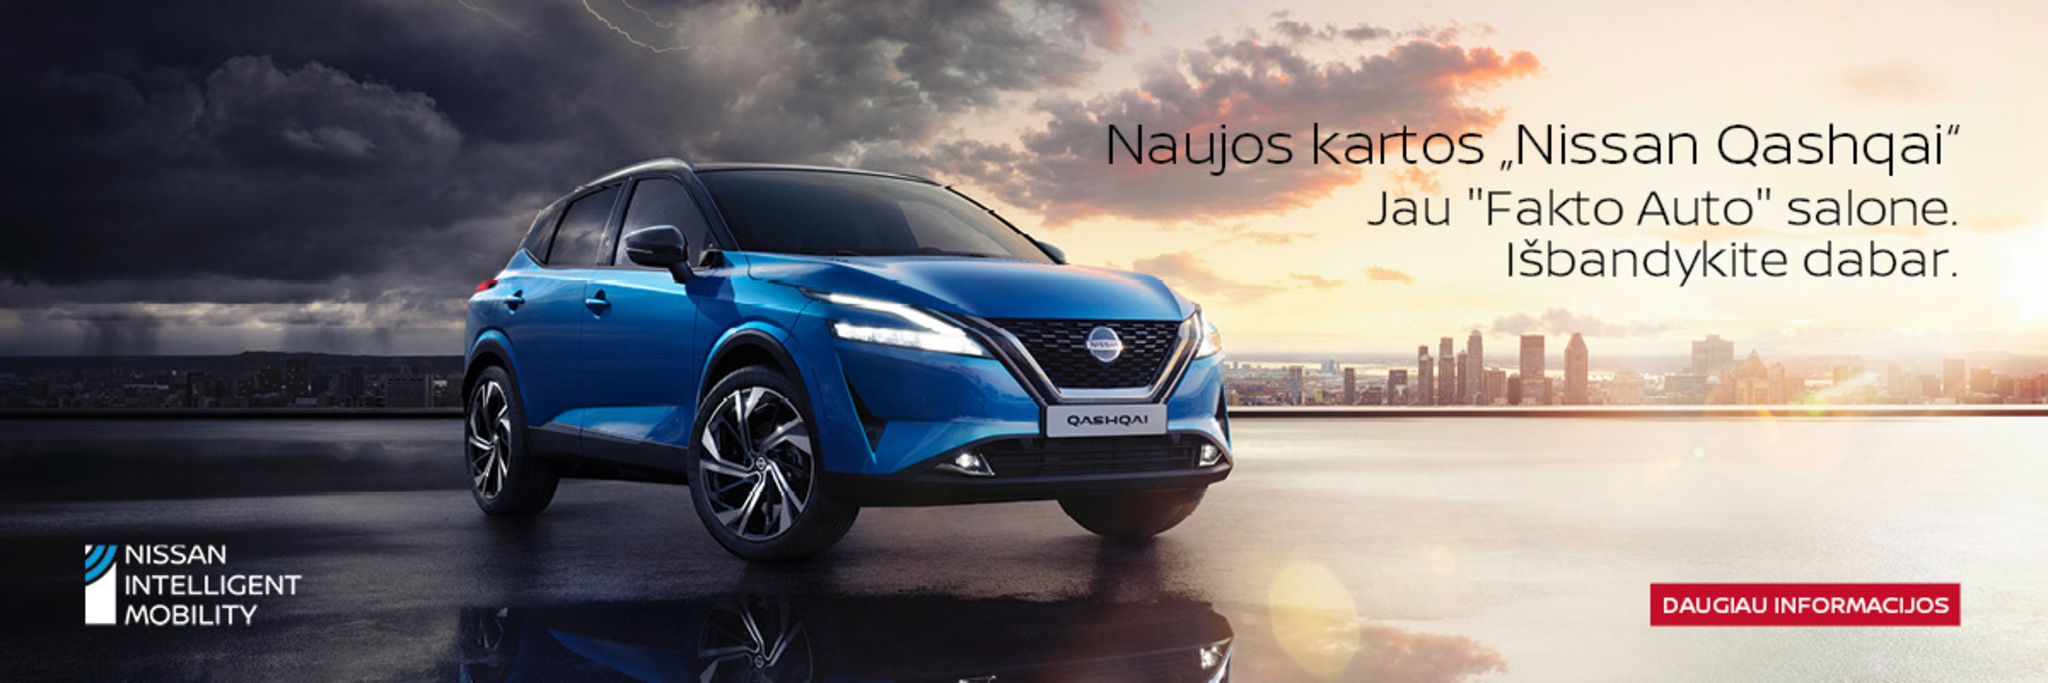 Naujasis Nissan Qashai jau Fakto Auto salone